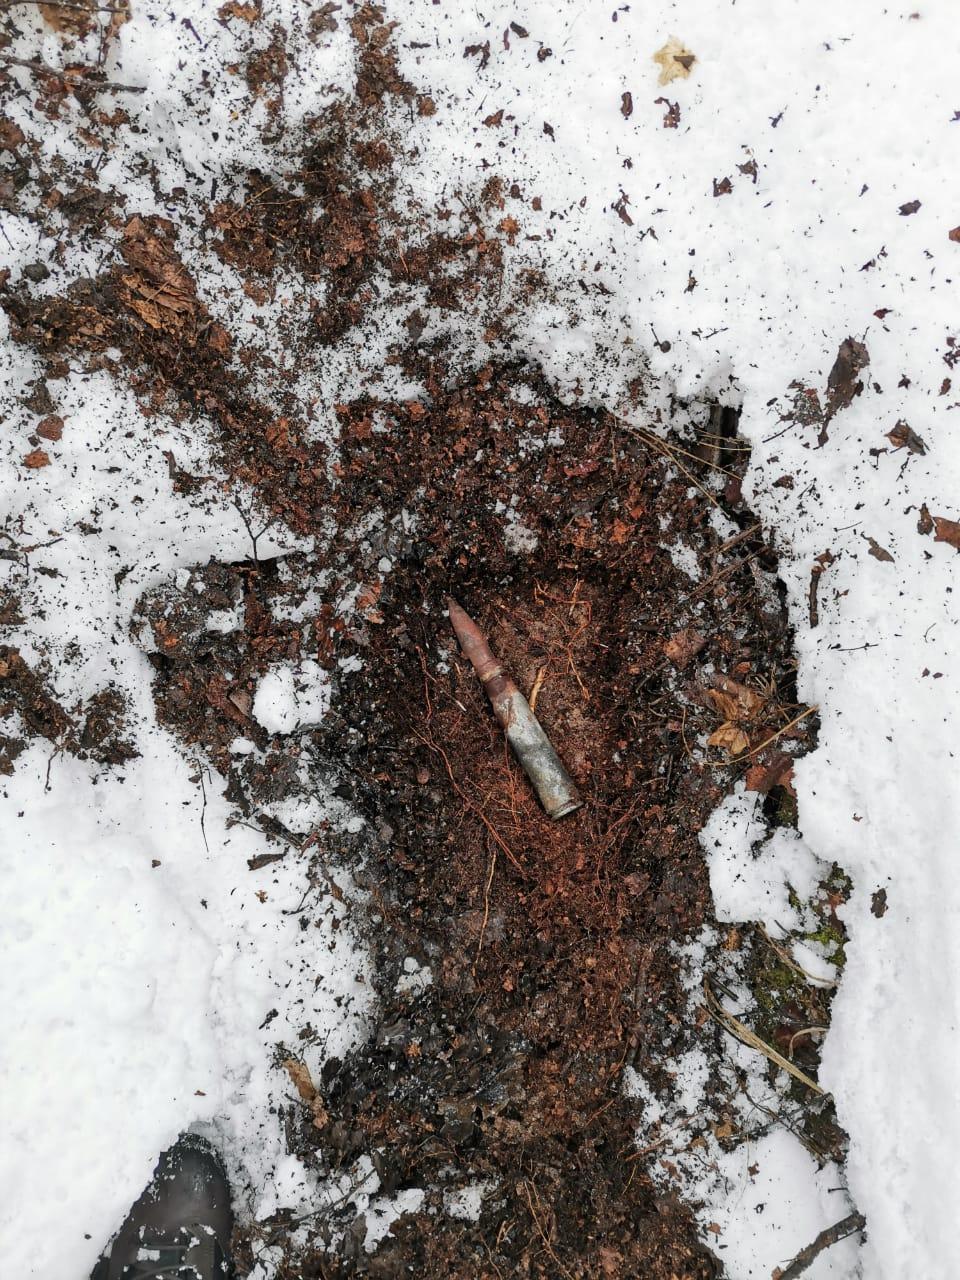 В Тамбовском районе во дворе дома нашли неразорвавшийся снаряд